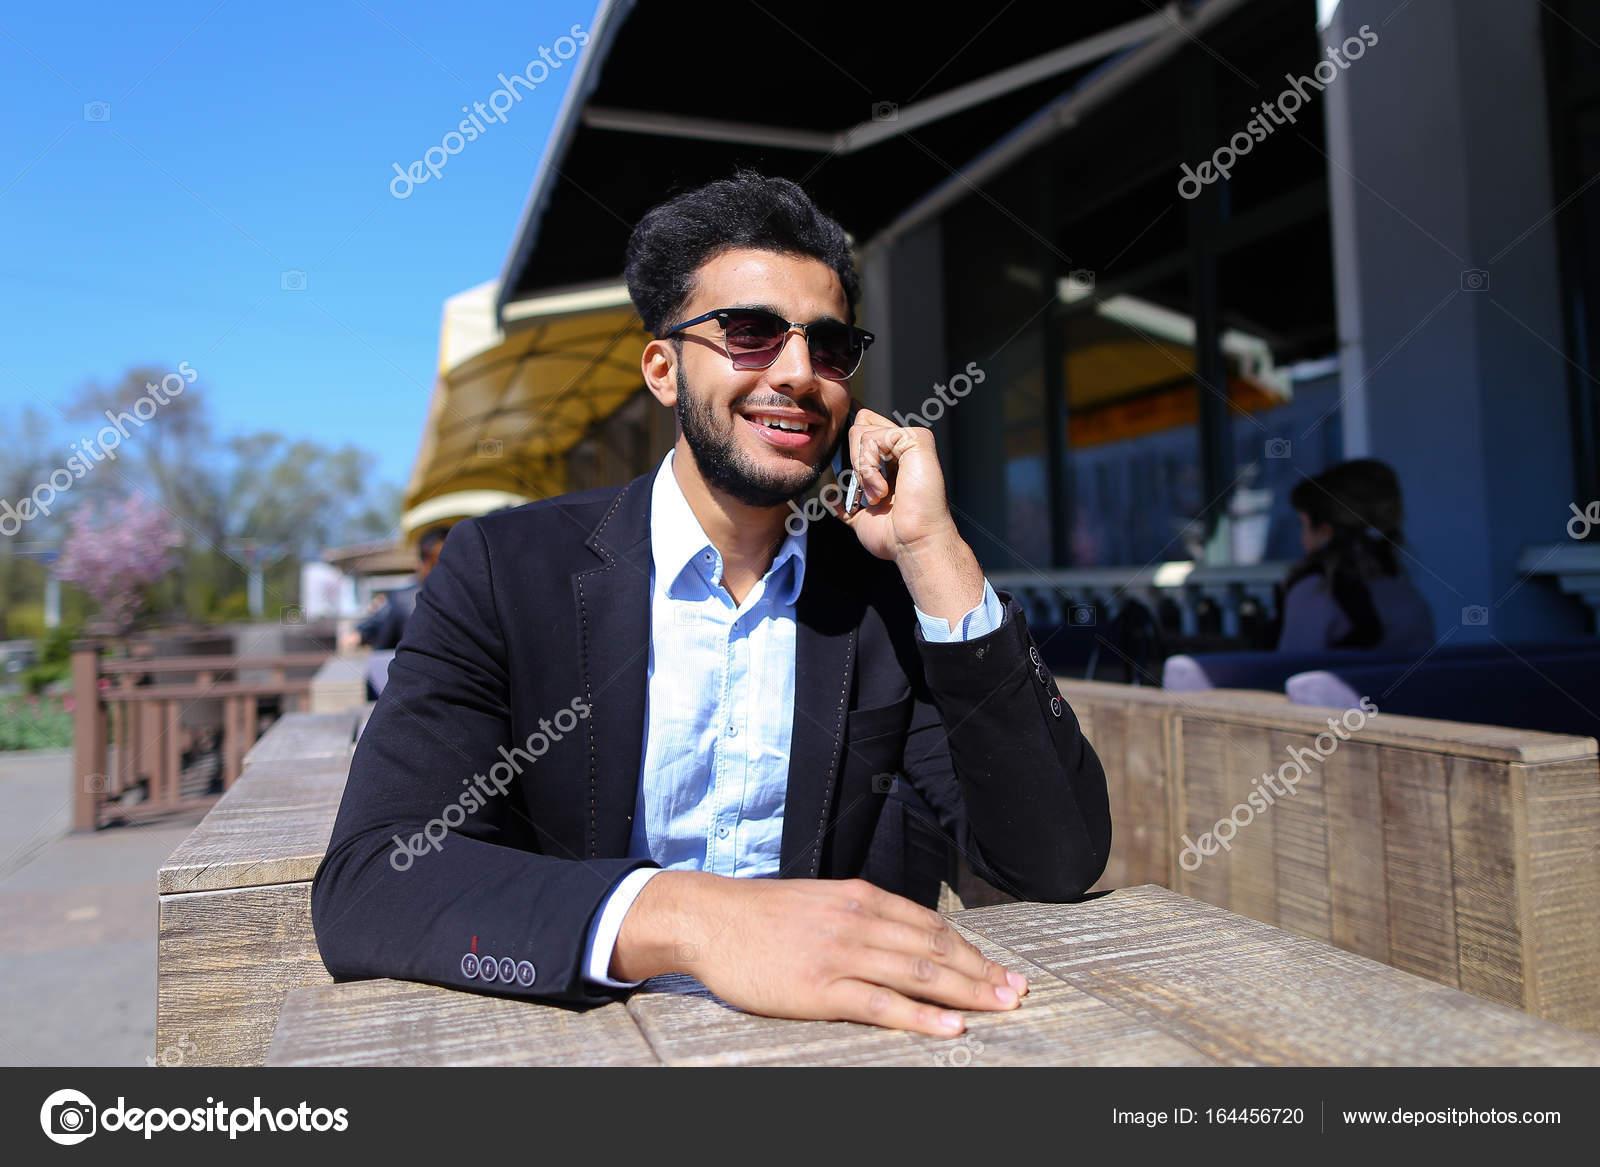 μαύρο ραντεβού δωρεάν com